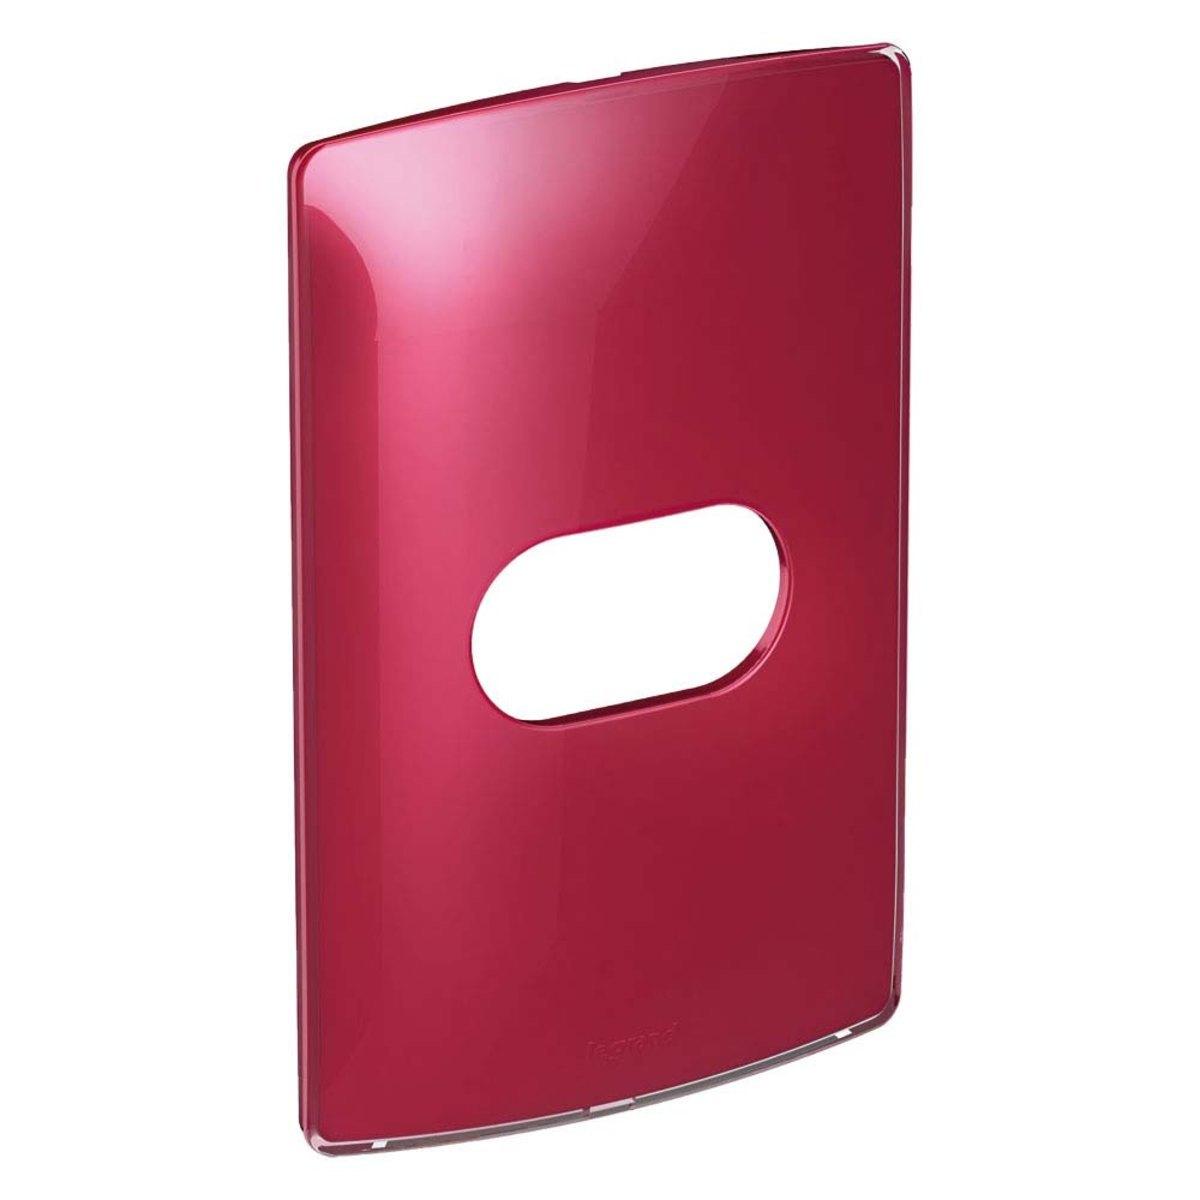 Placa 2 Postos Separados Nereya Cherry Gloss 4x2 Vermelho Pial